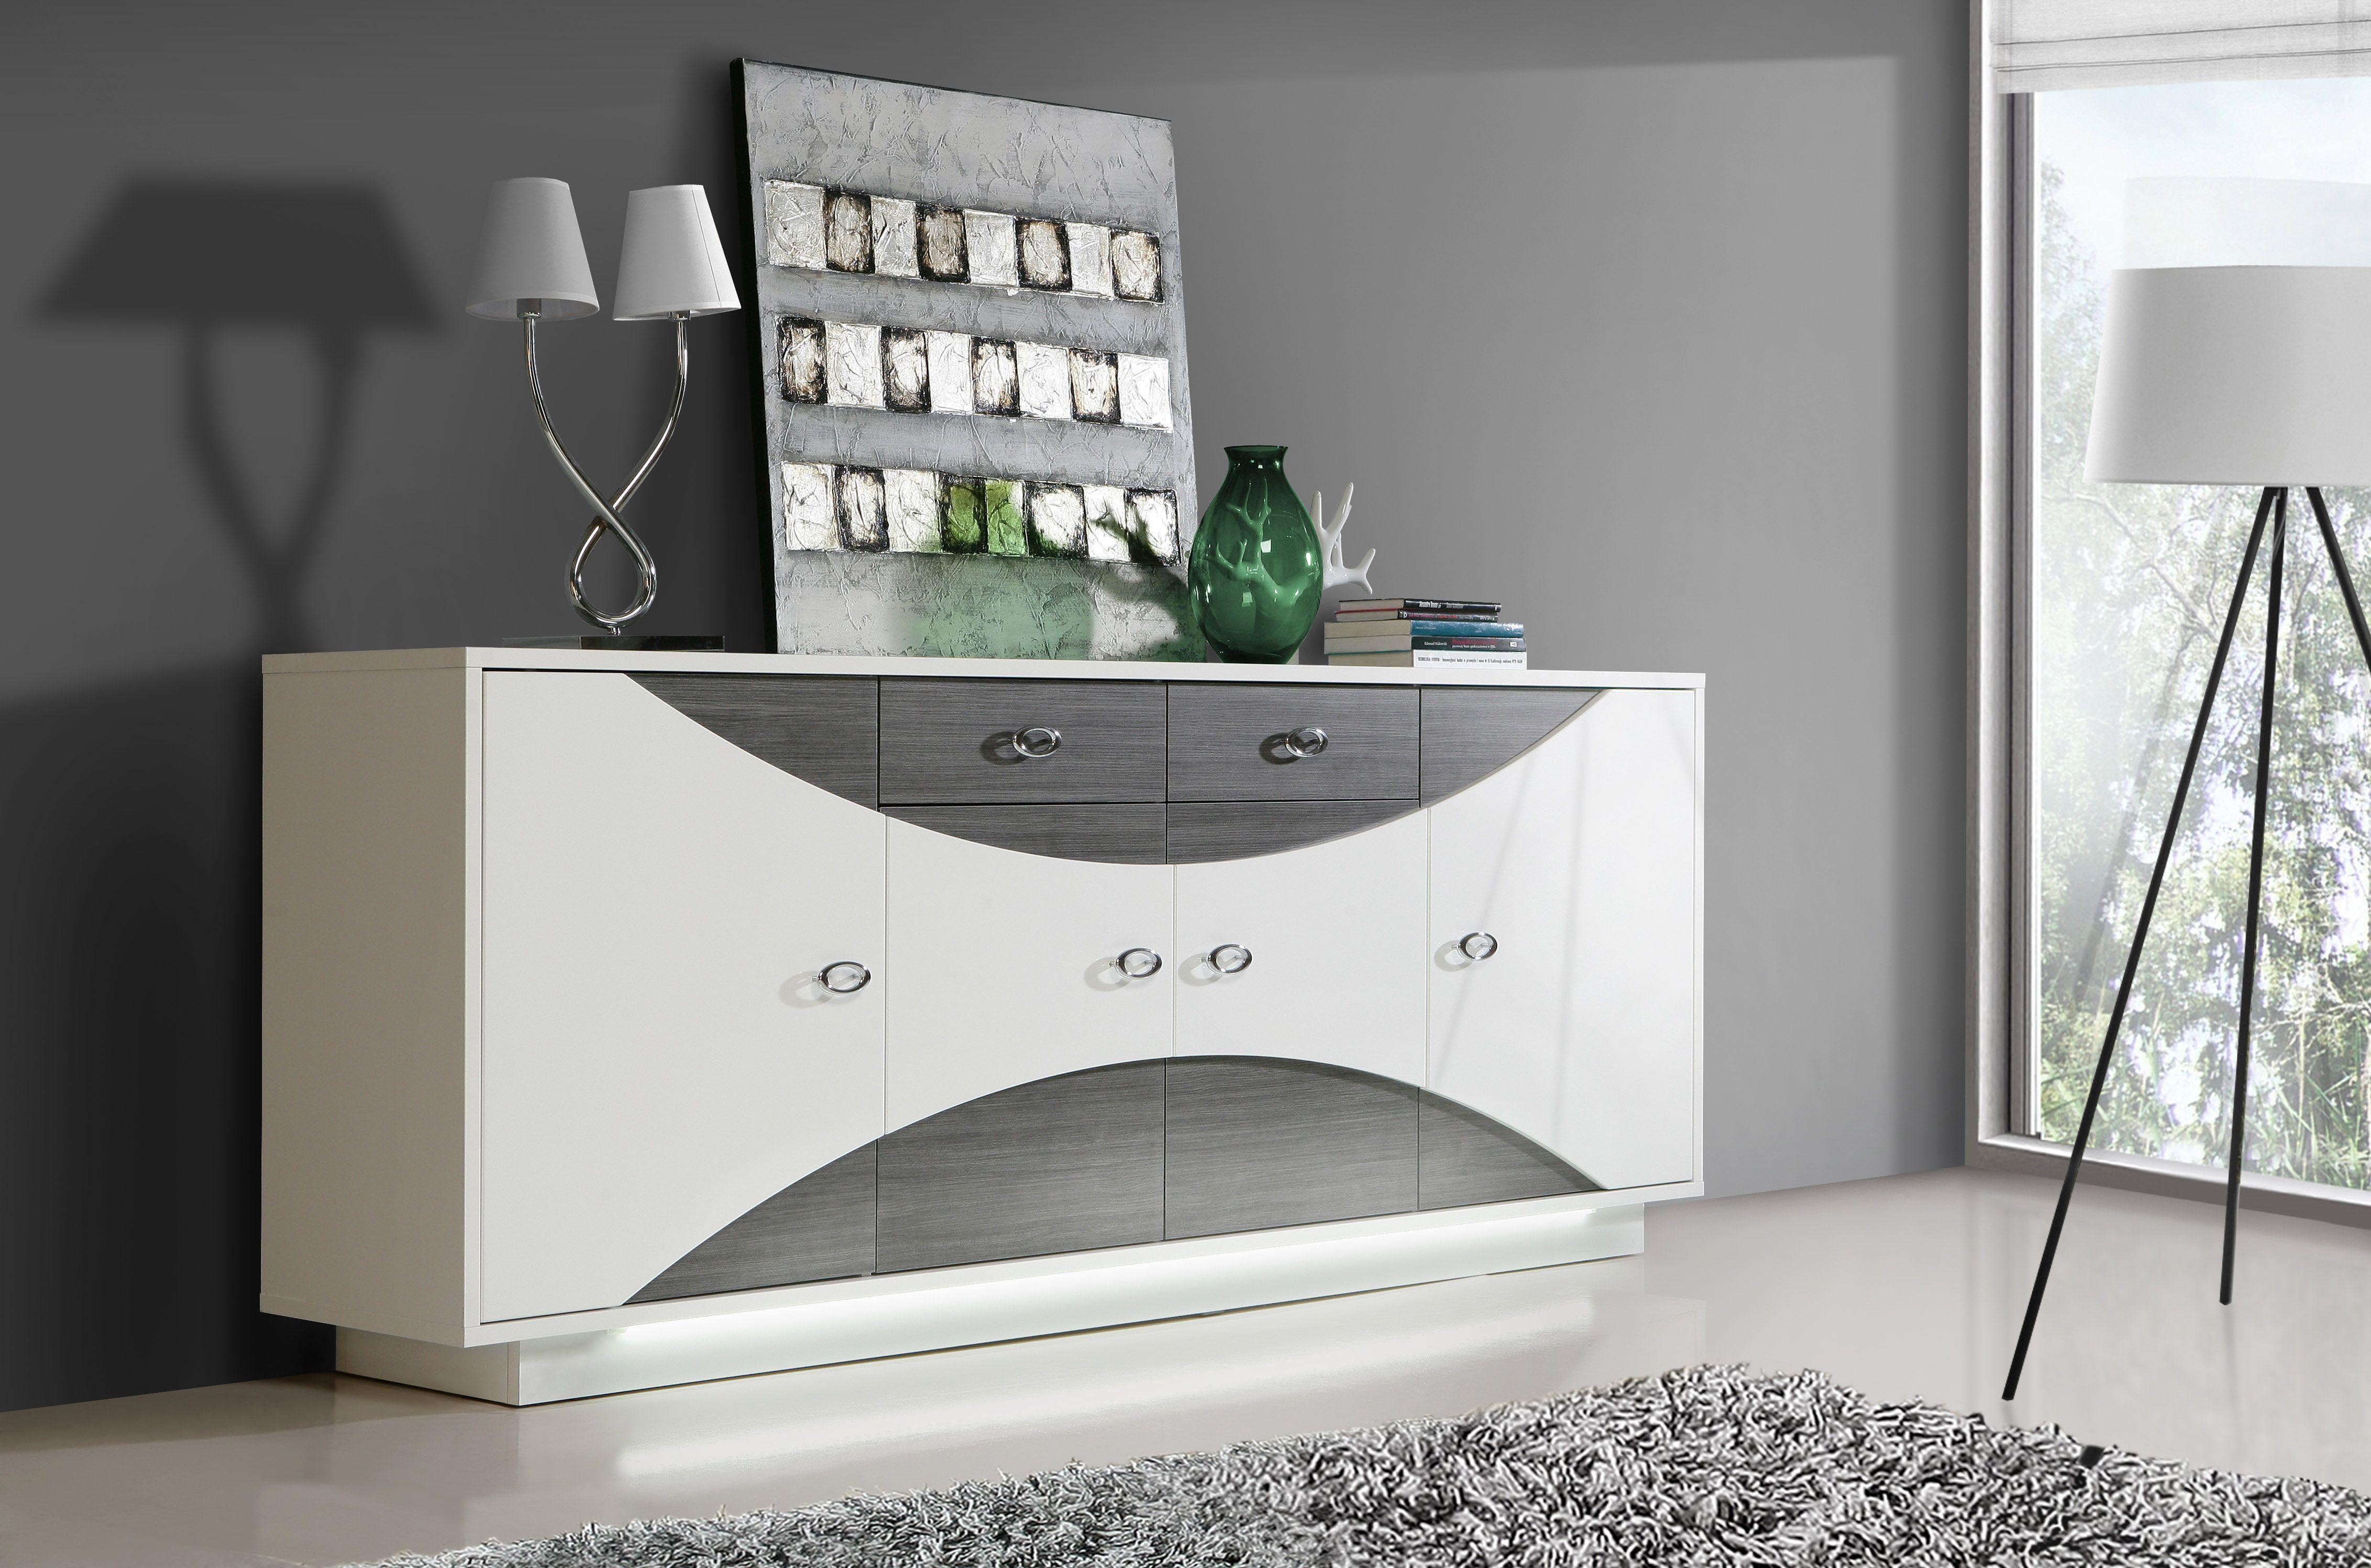 Großartig Sideboard Grau Weiß Referenz Von Weiss Hochglanz/ Eiche Mit Beleuchtung Woody 77-00993